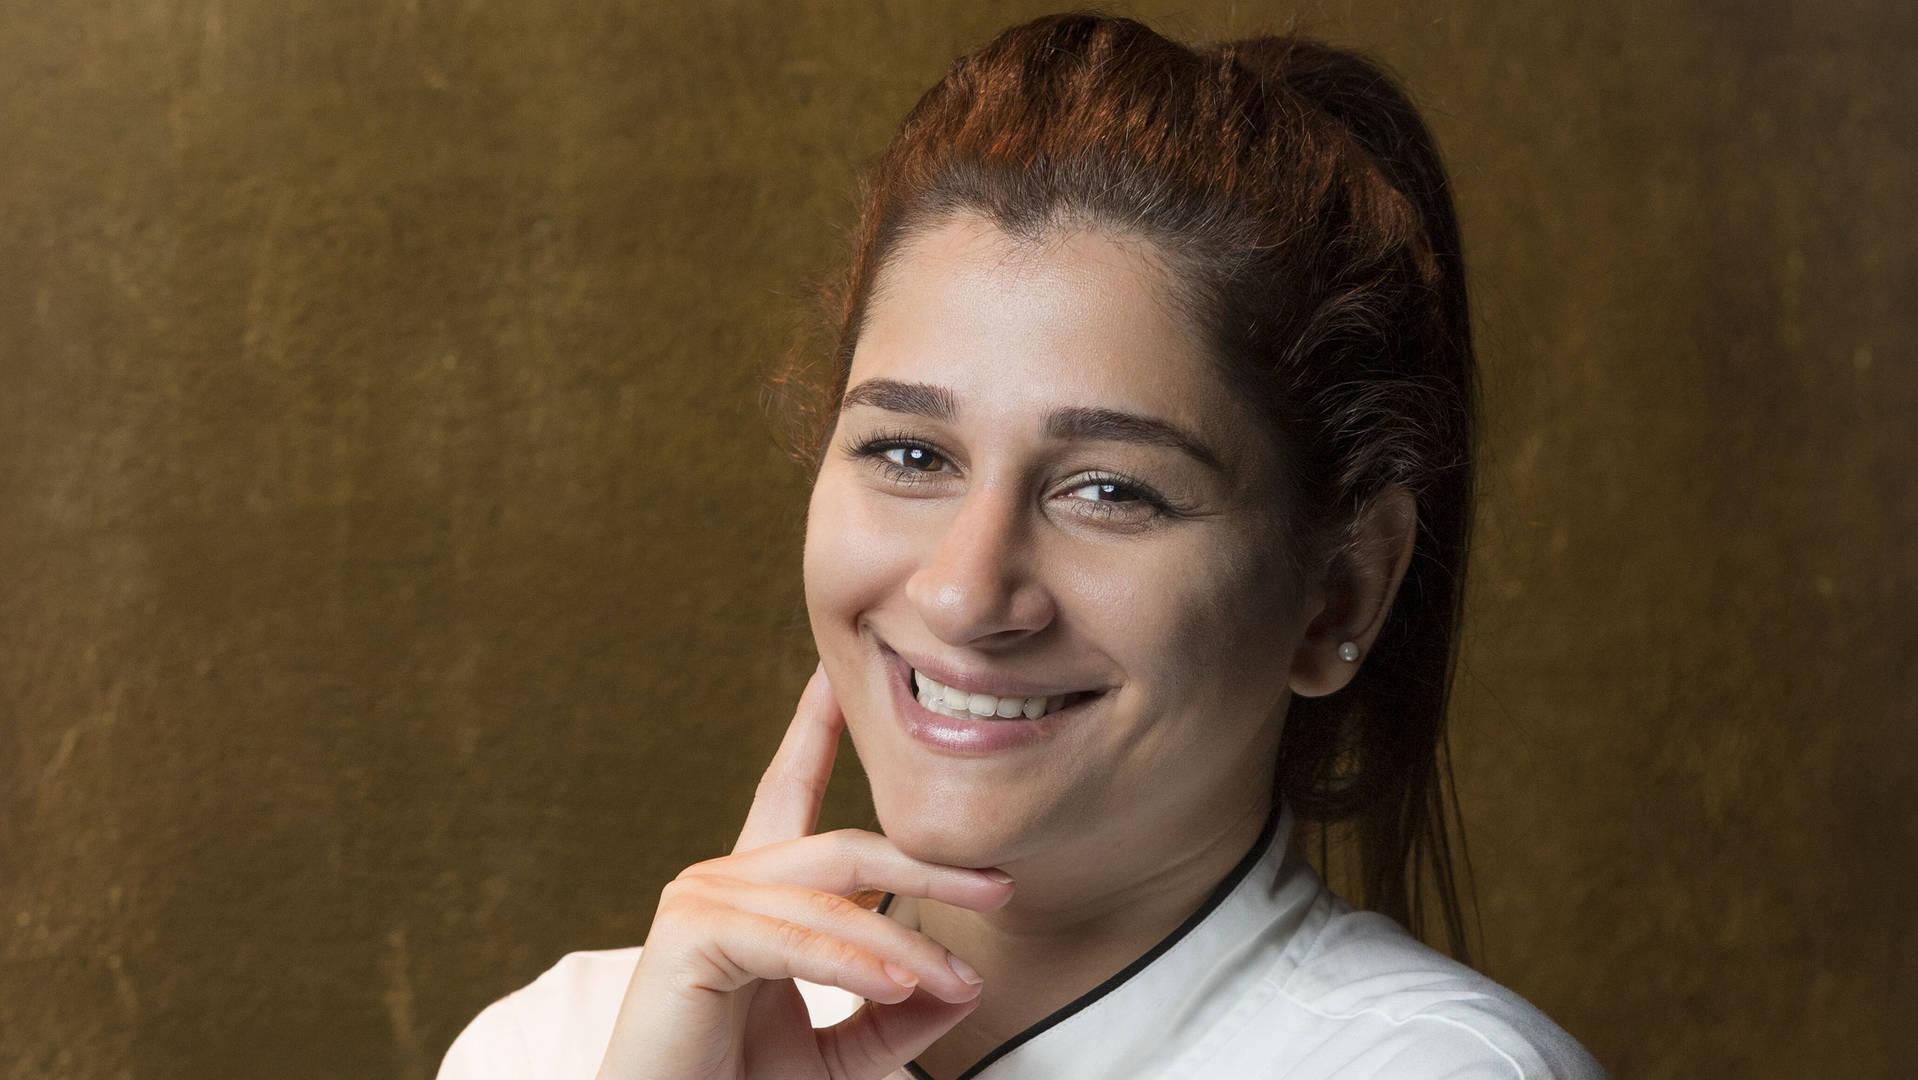 Jumeirah Chef Sahar Parham Al Awadhi